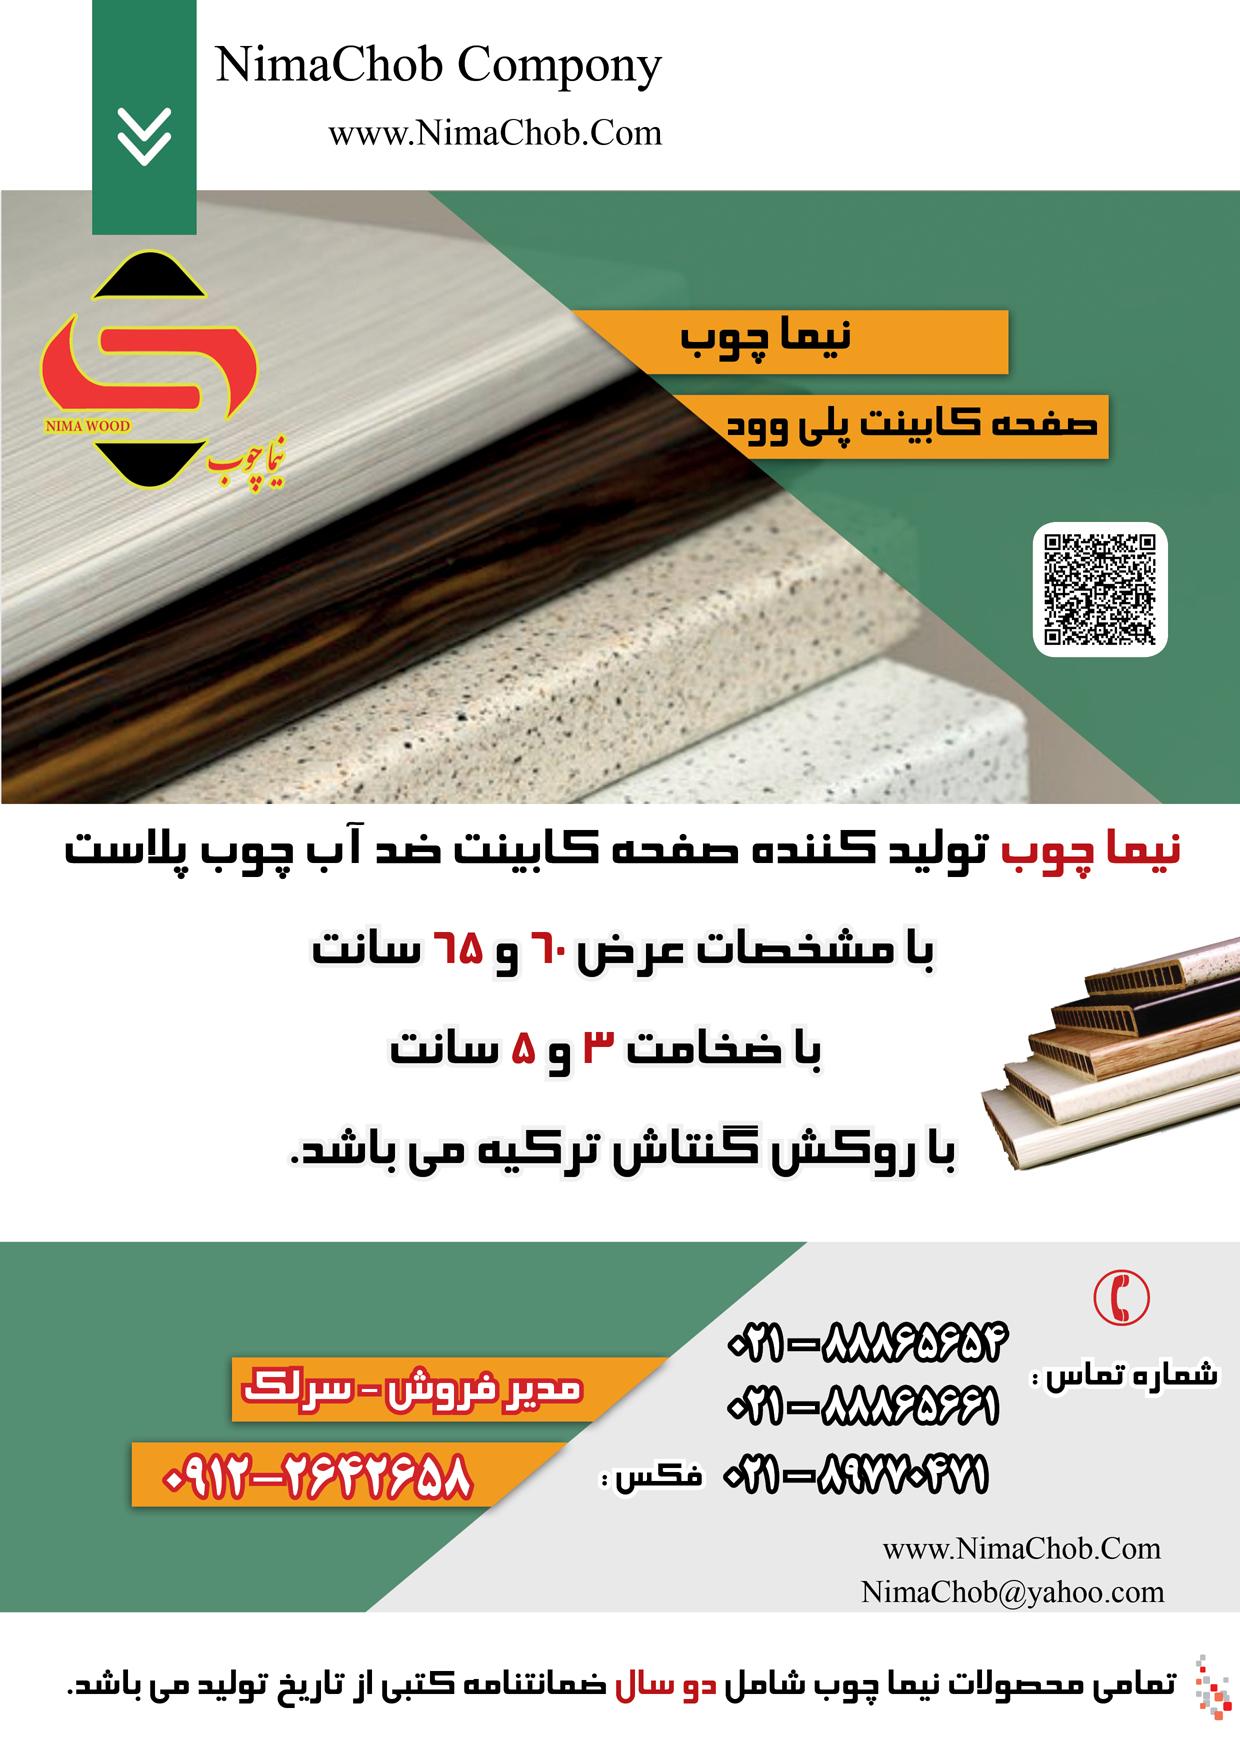 http://www.uplooder.net/img/image/60/bb50a3205a9f5da3bb8ad6685a7df0ff/Poster-(2).jpg